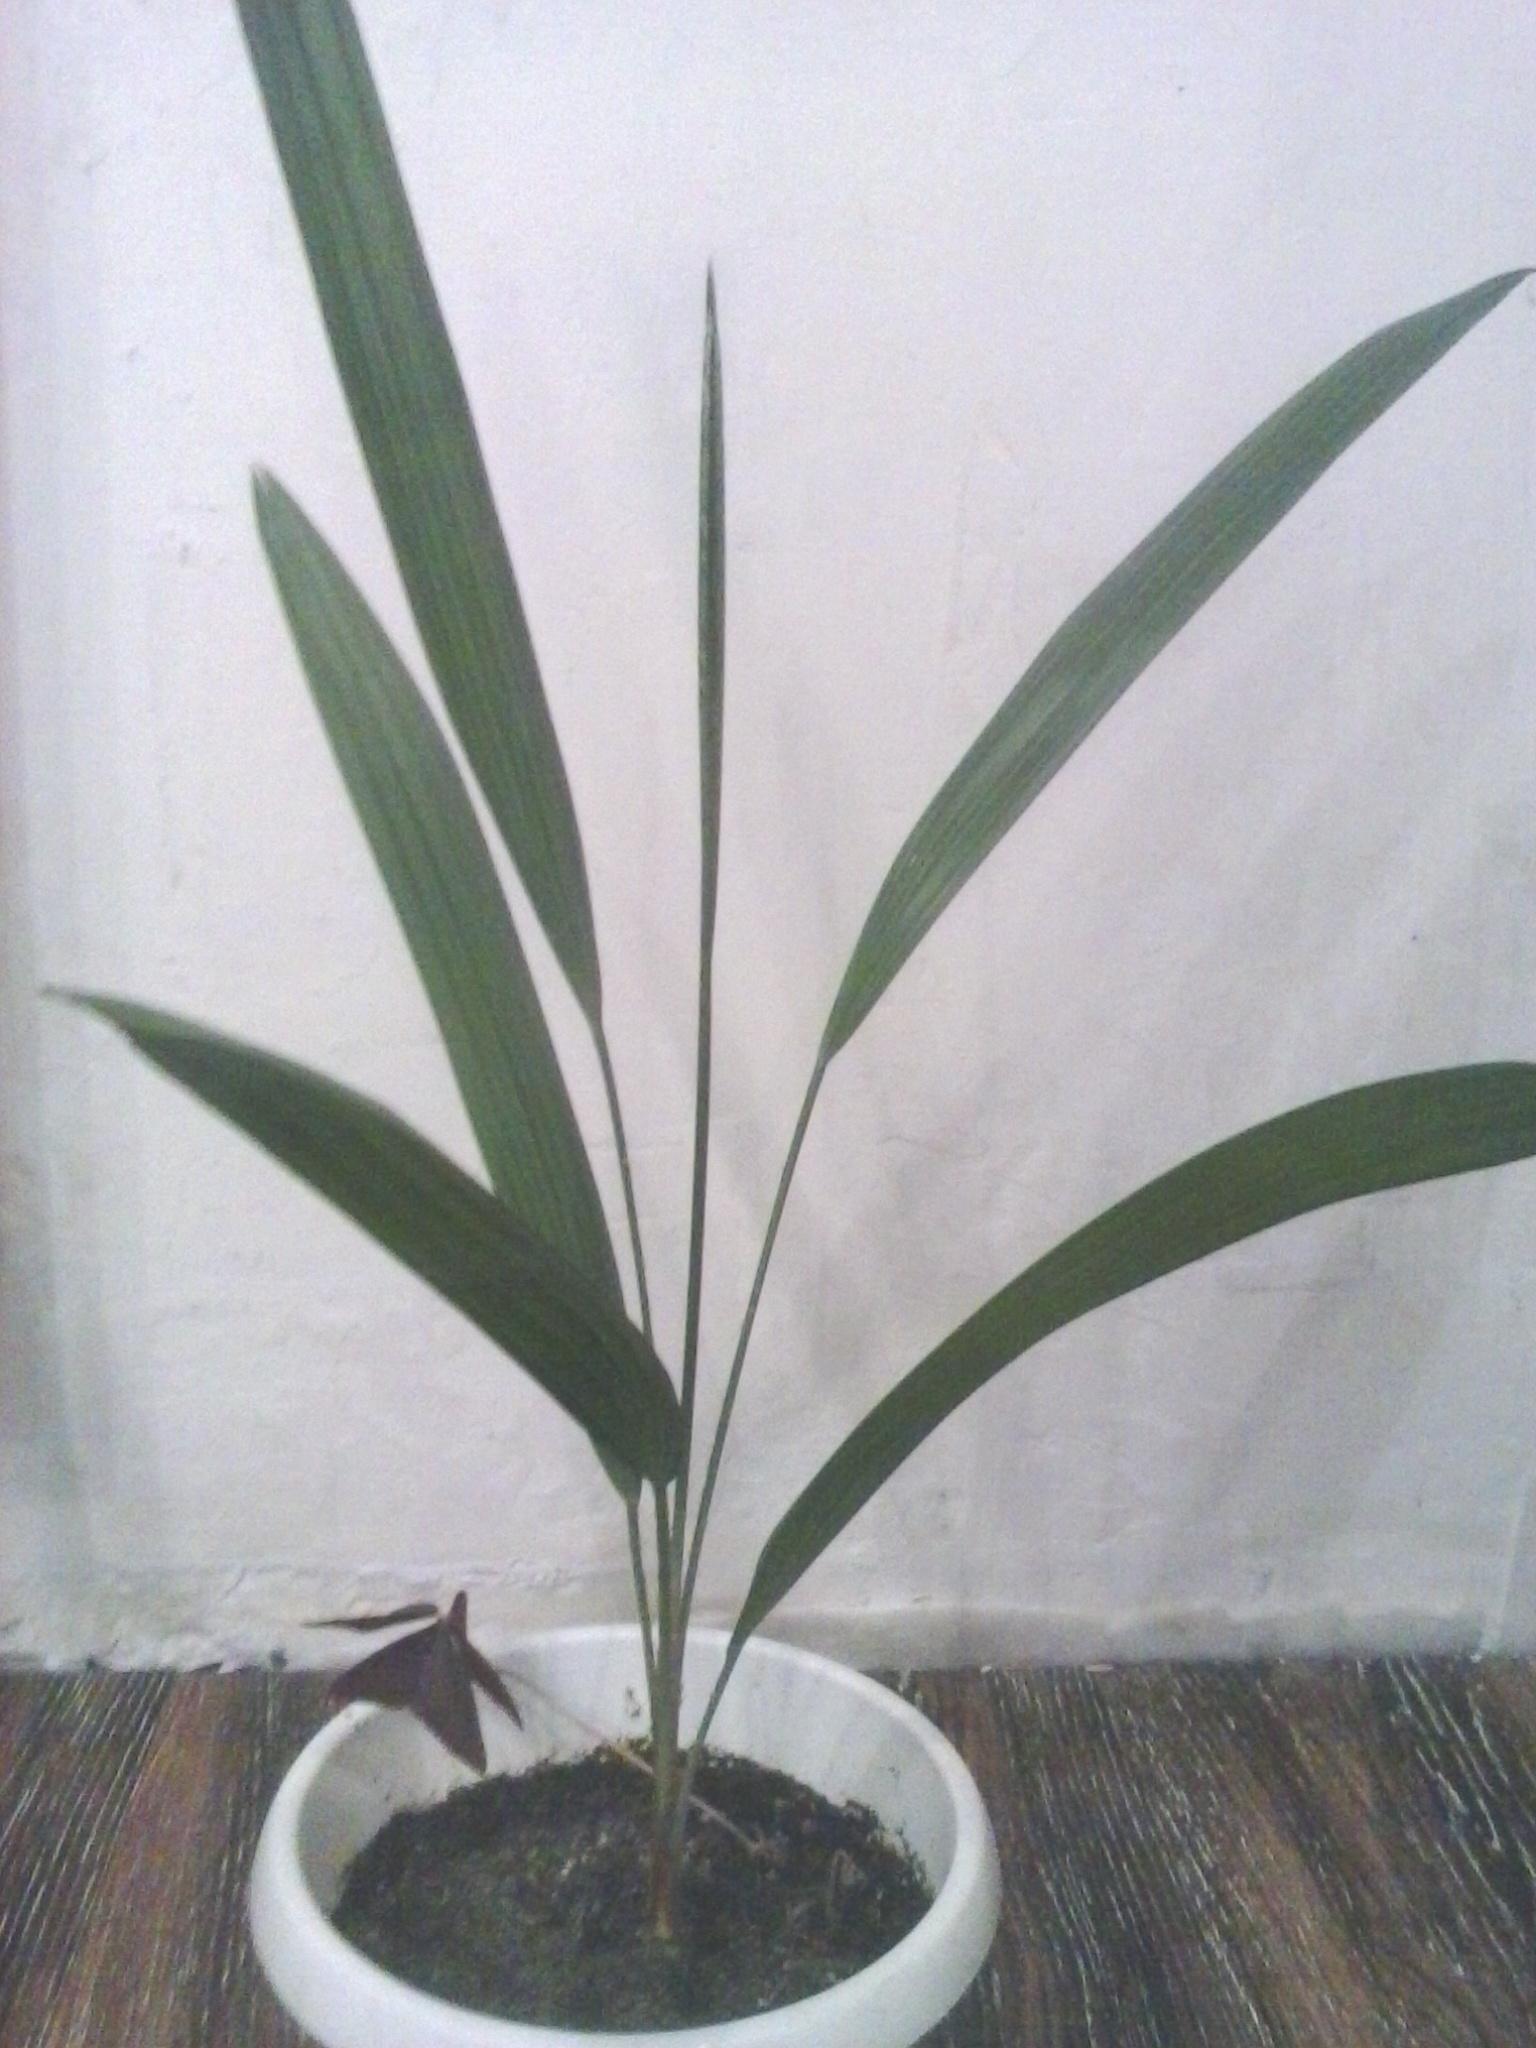 Финик, финиковая пальма - 200 руб